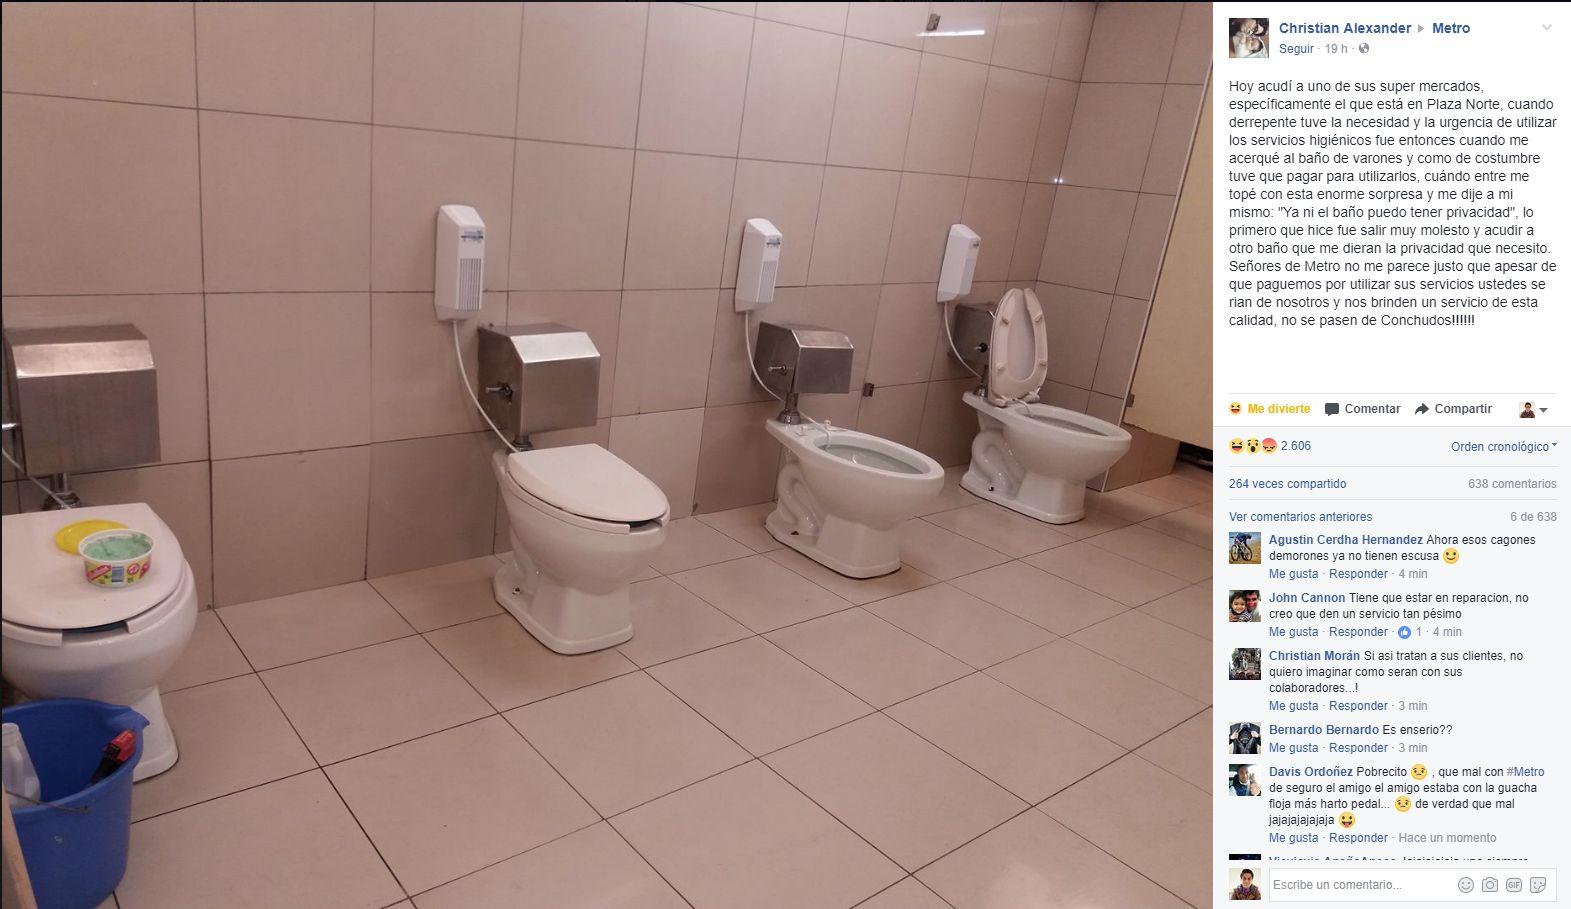 Baños Gay Porno la verdad sobre los baños del supermercado que se hicieron